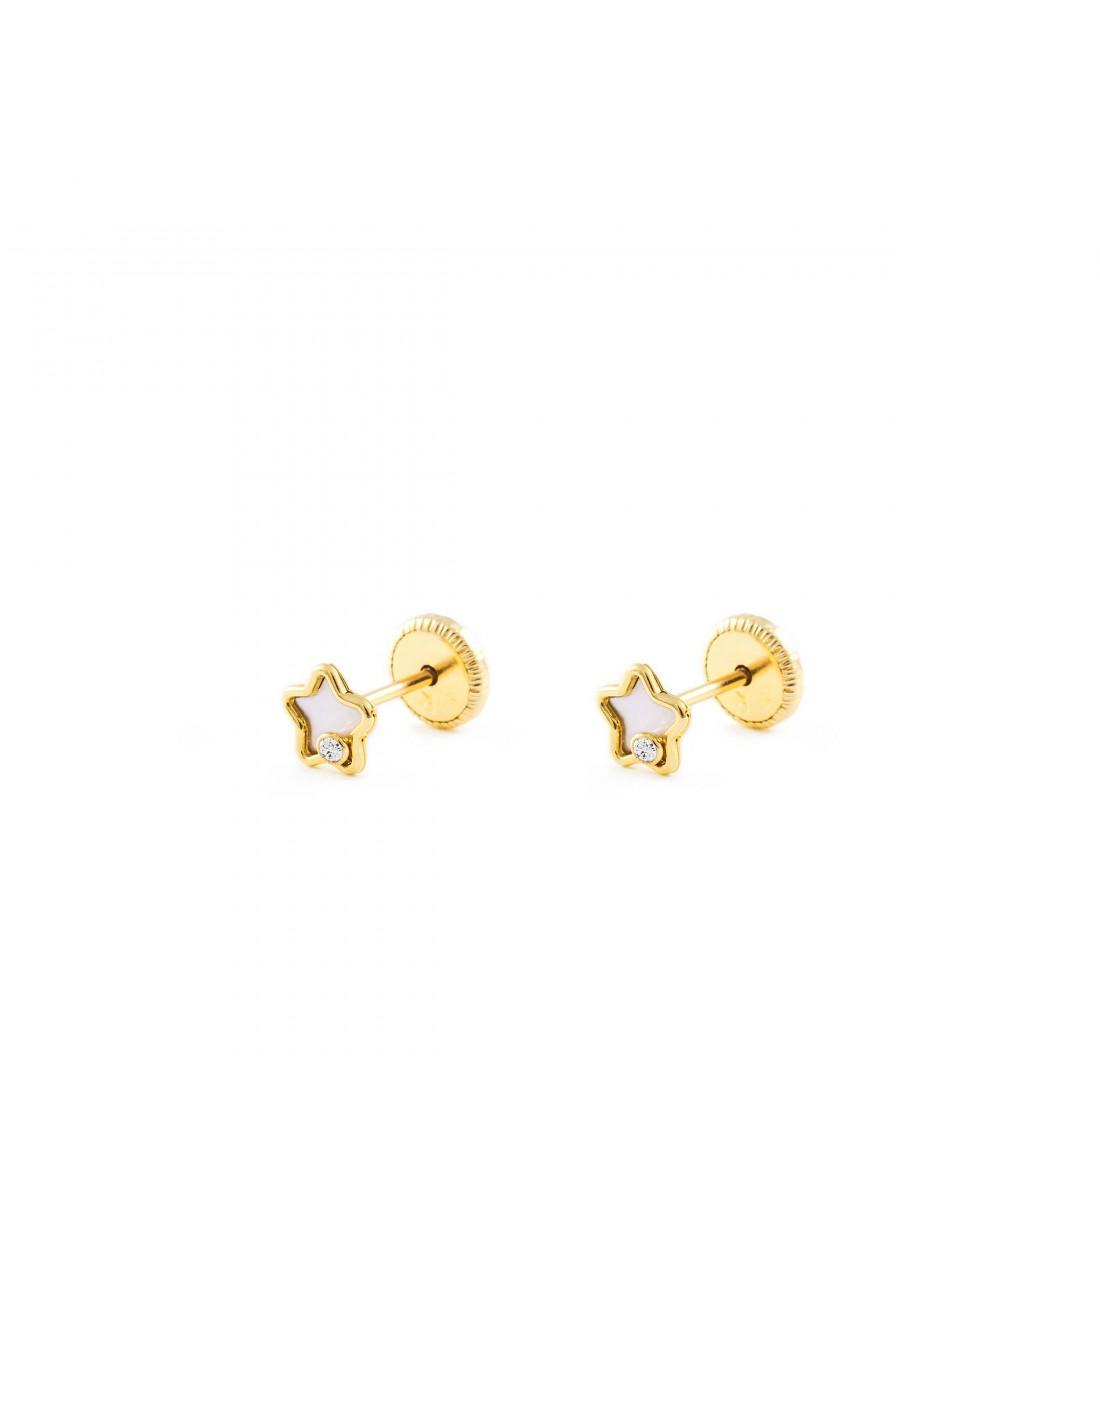 9ct White Gold Star Children's Earrings qSiqkC